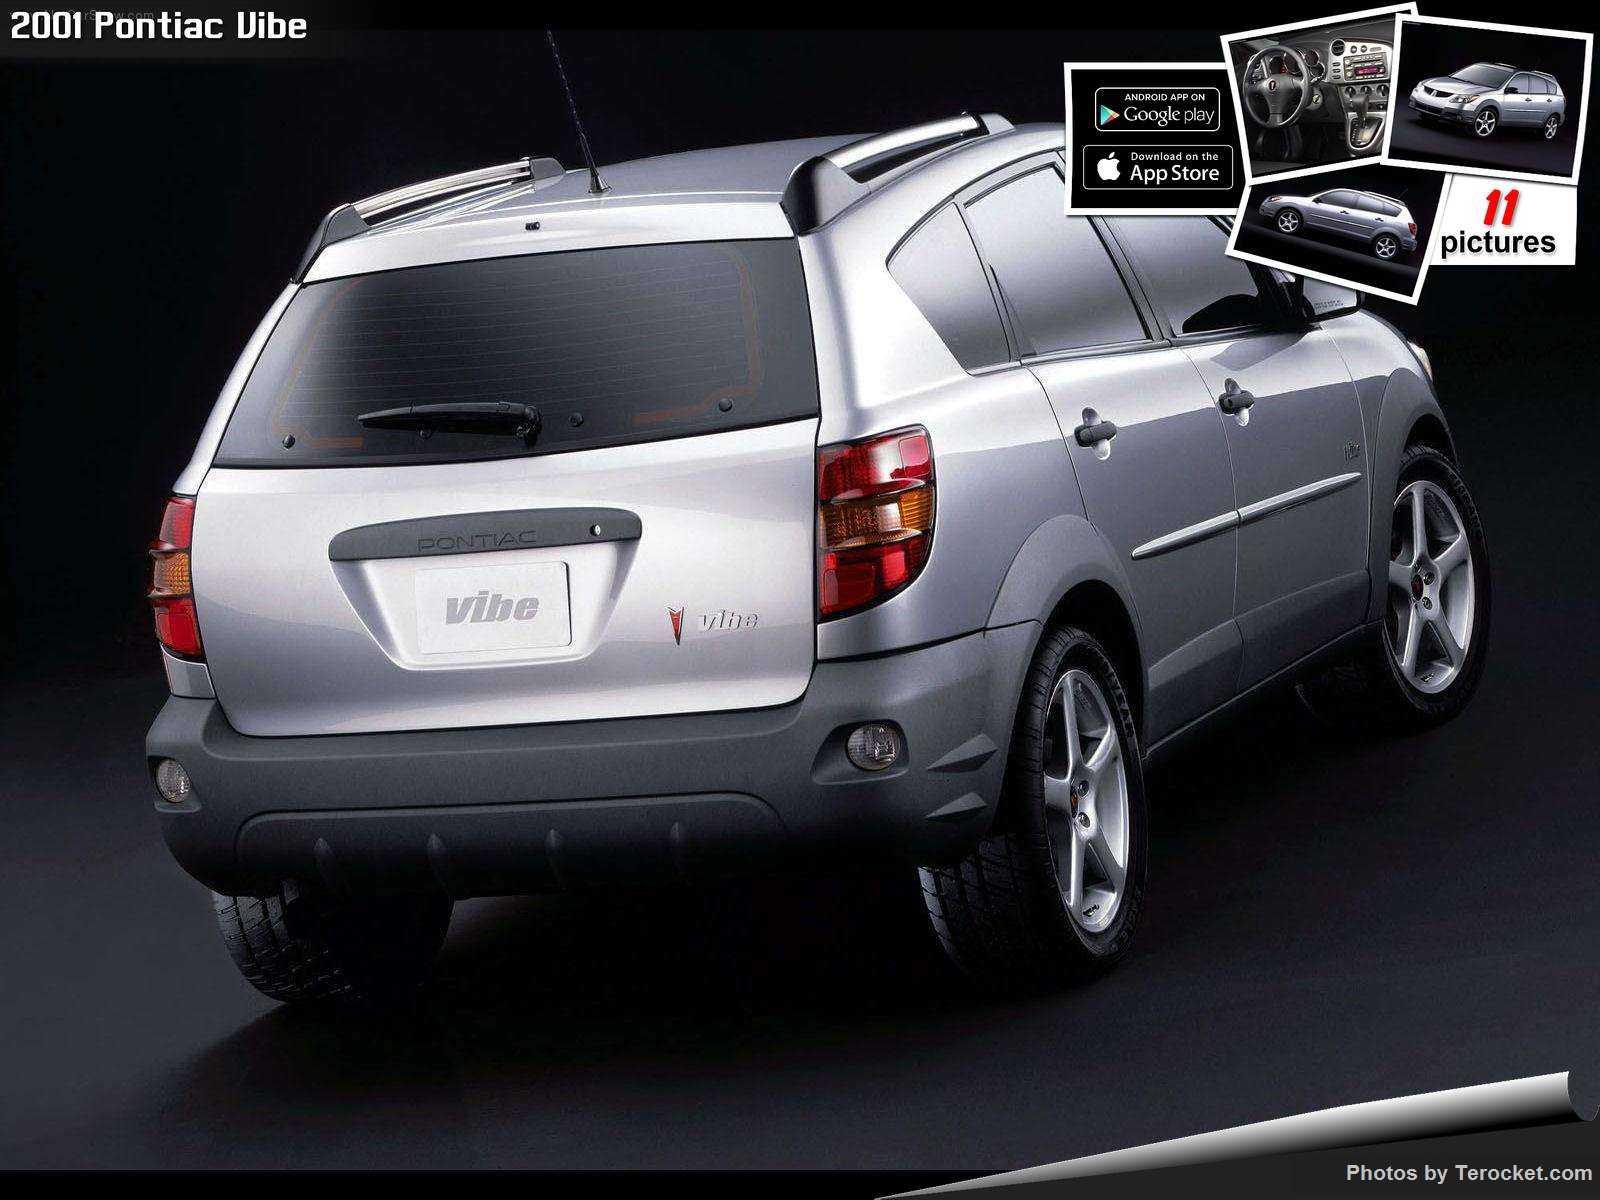 Hình ảnh xe ô tô Pontiac Vibe 2001 & nội ngoại thất